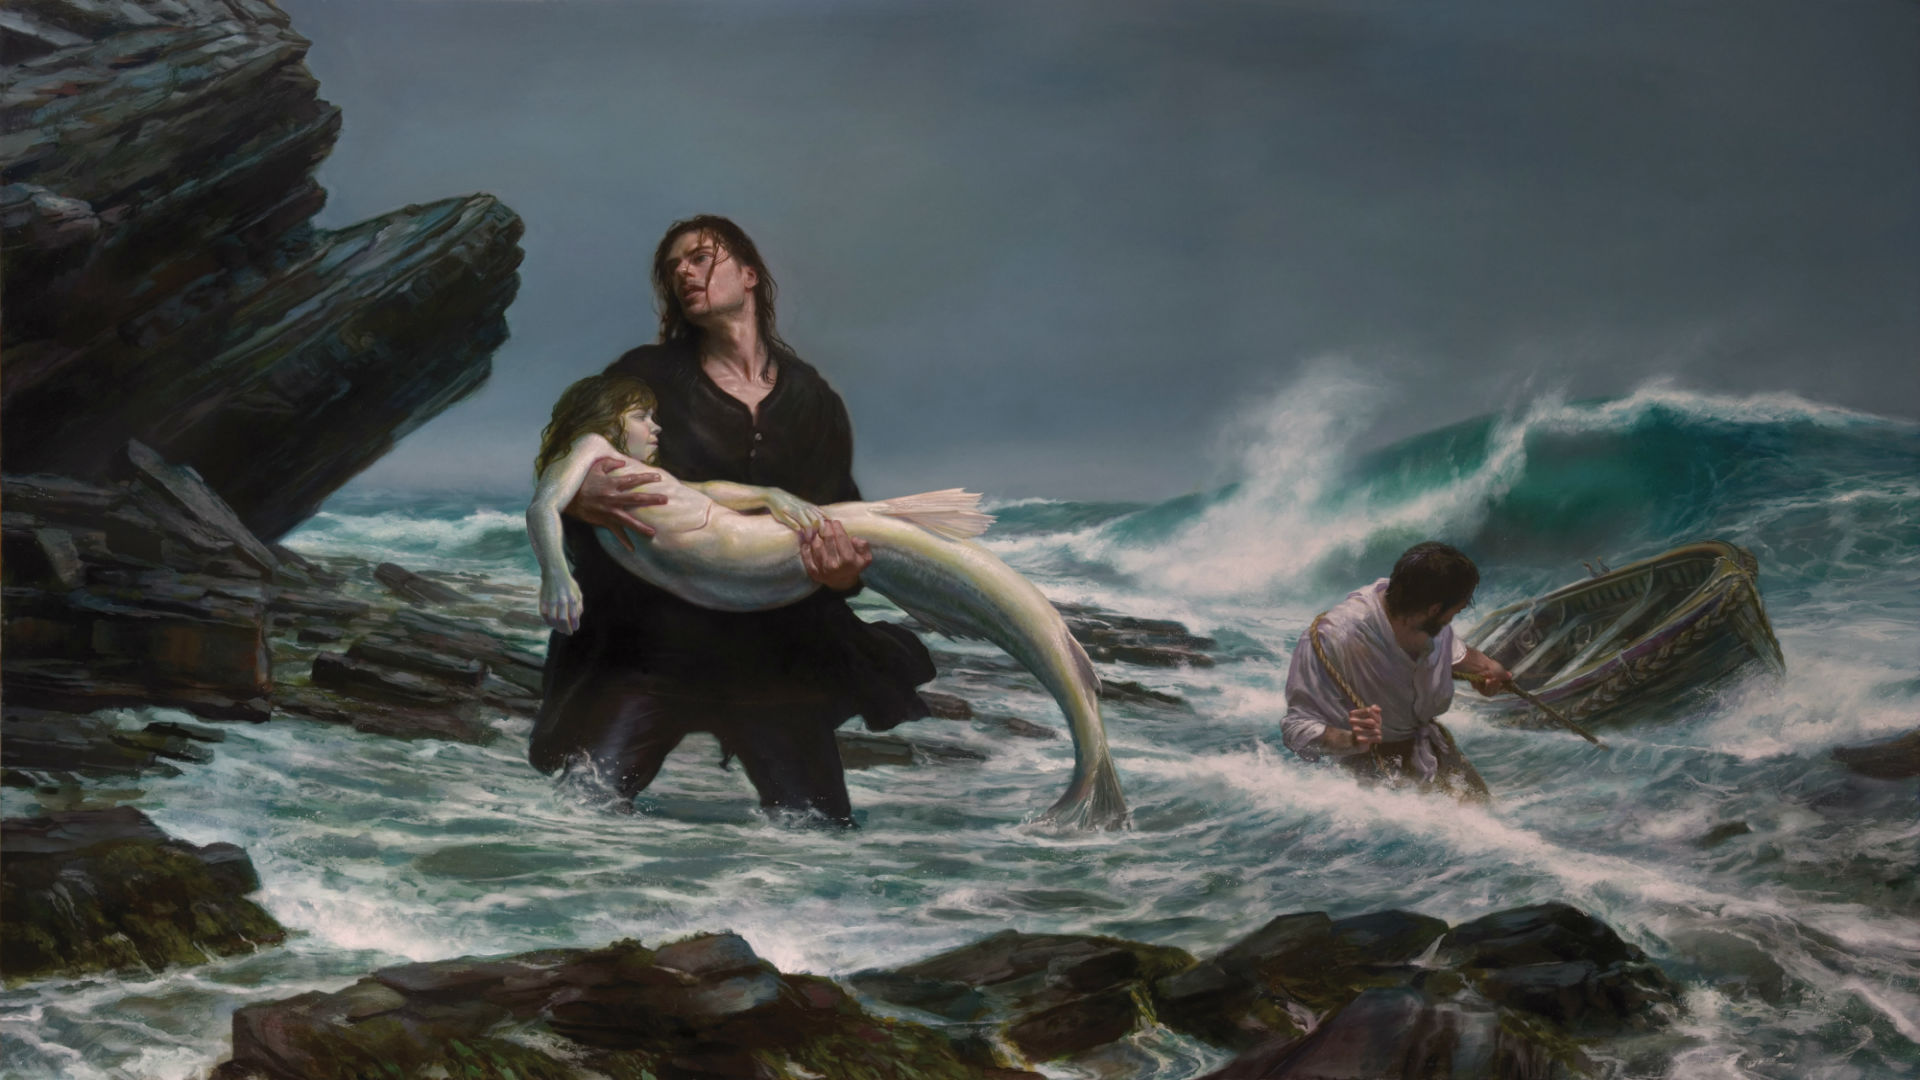 Fantasy Mermaid Art wallpaper